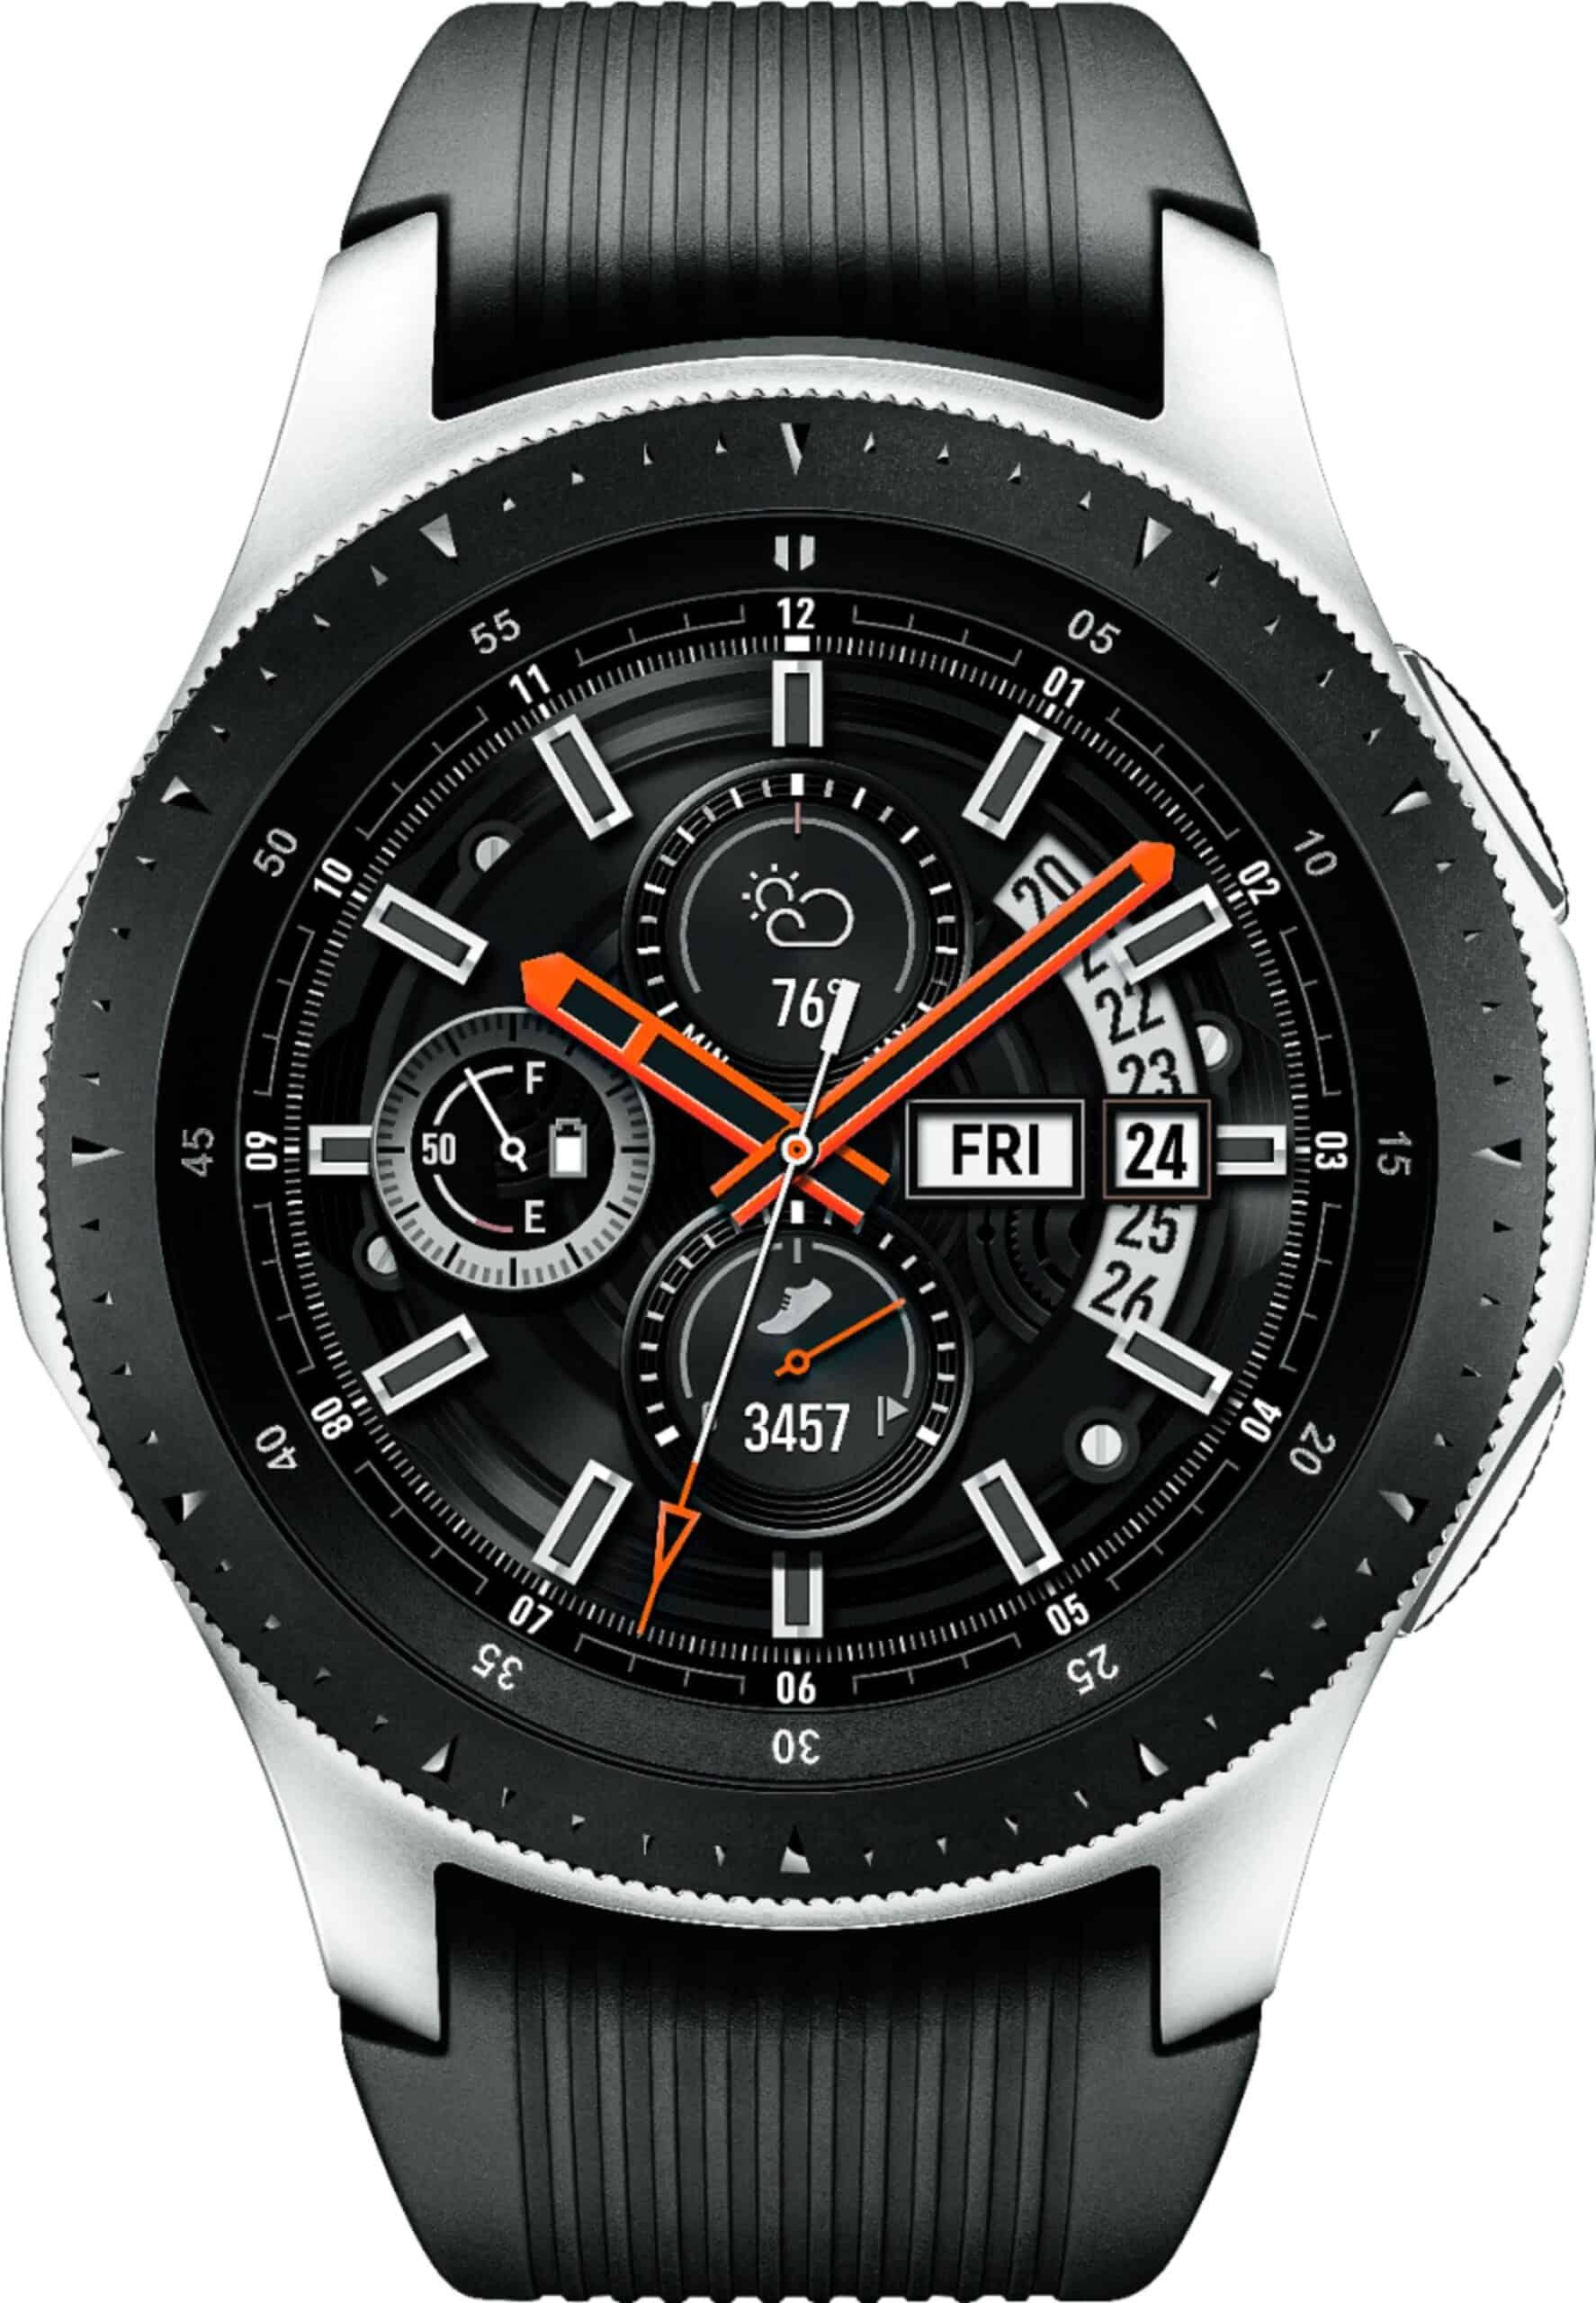 Samsung Galaxy Watch Smartwatch - Best Buy